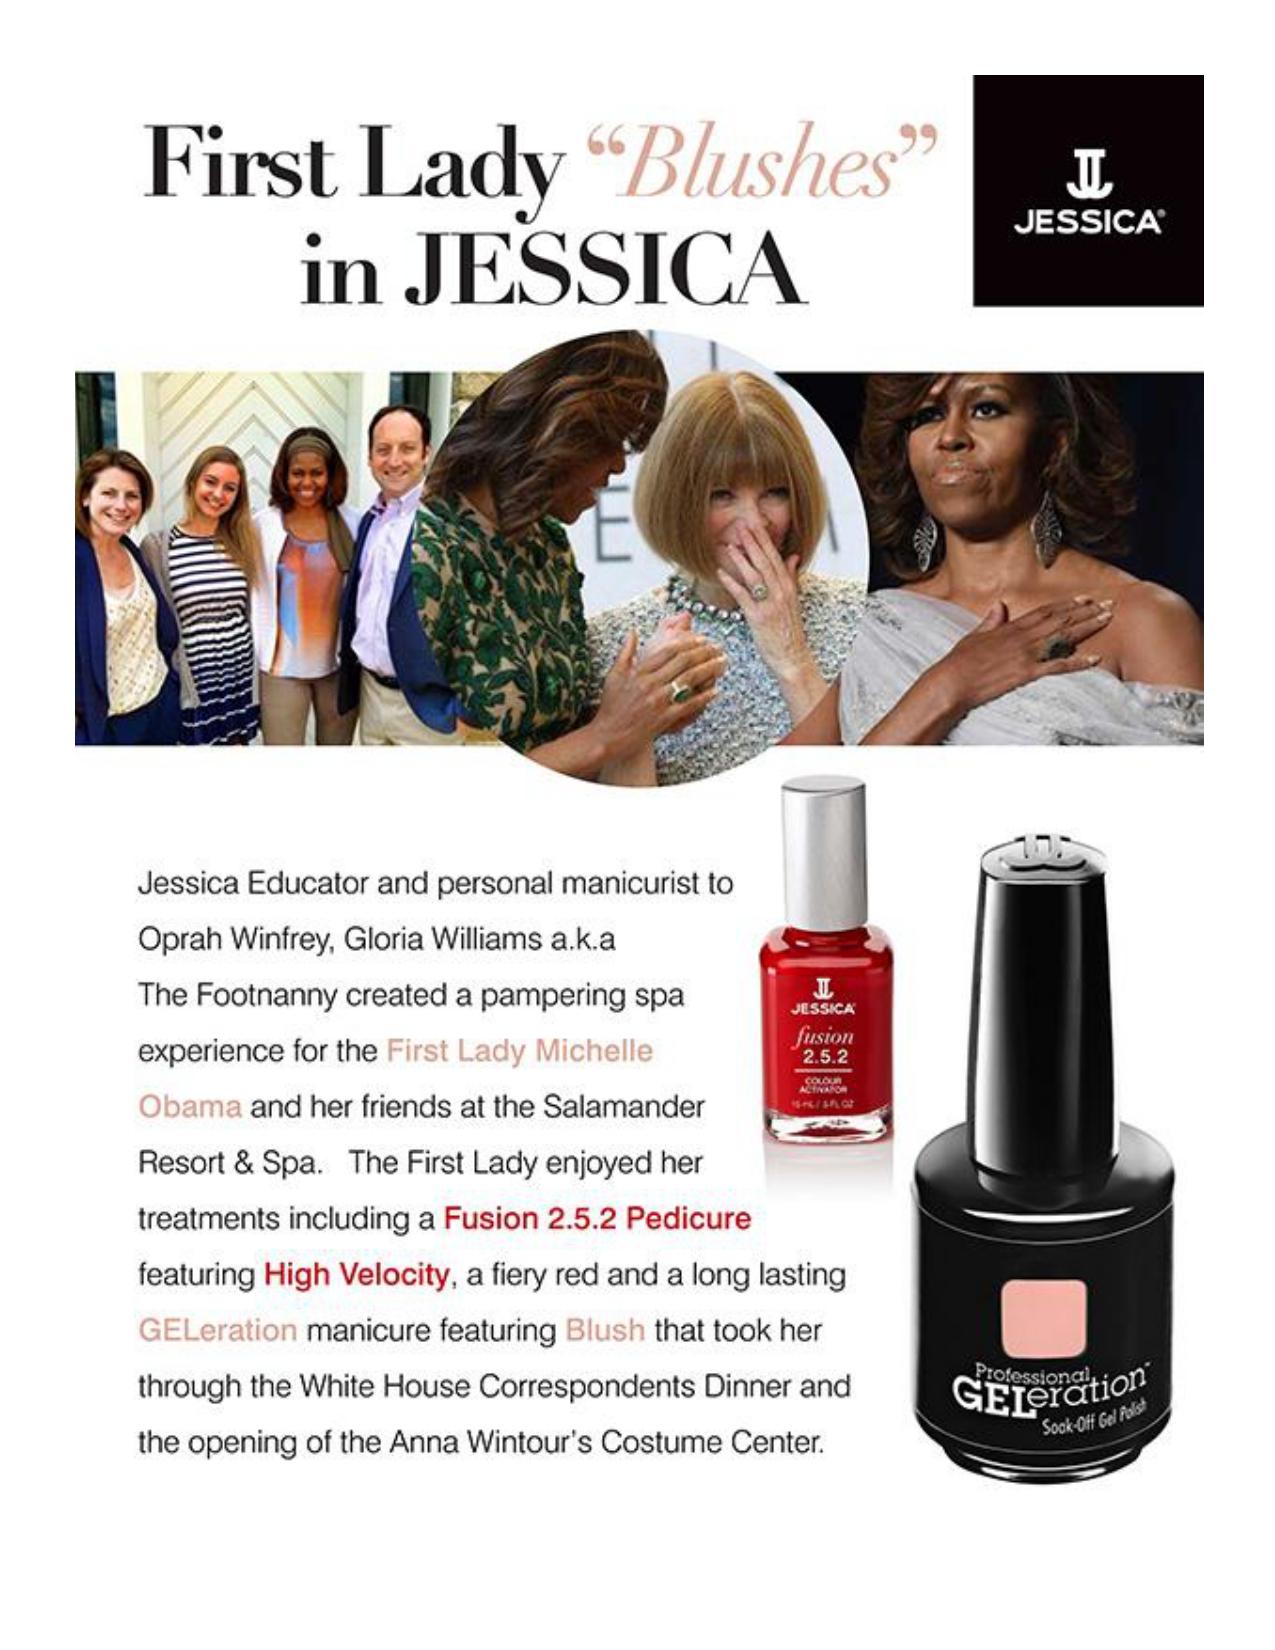 Michelle-Obama-Blushes-in-Jessica-Cosmetics